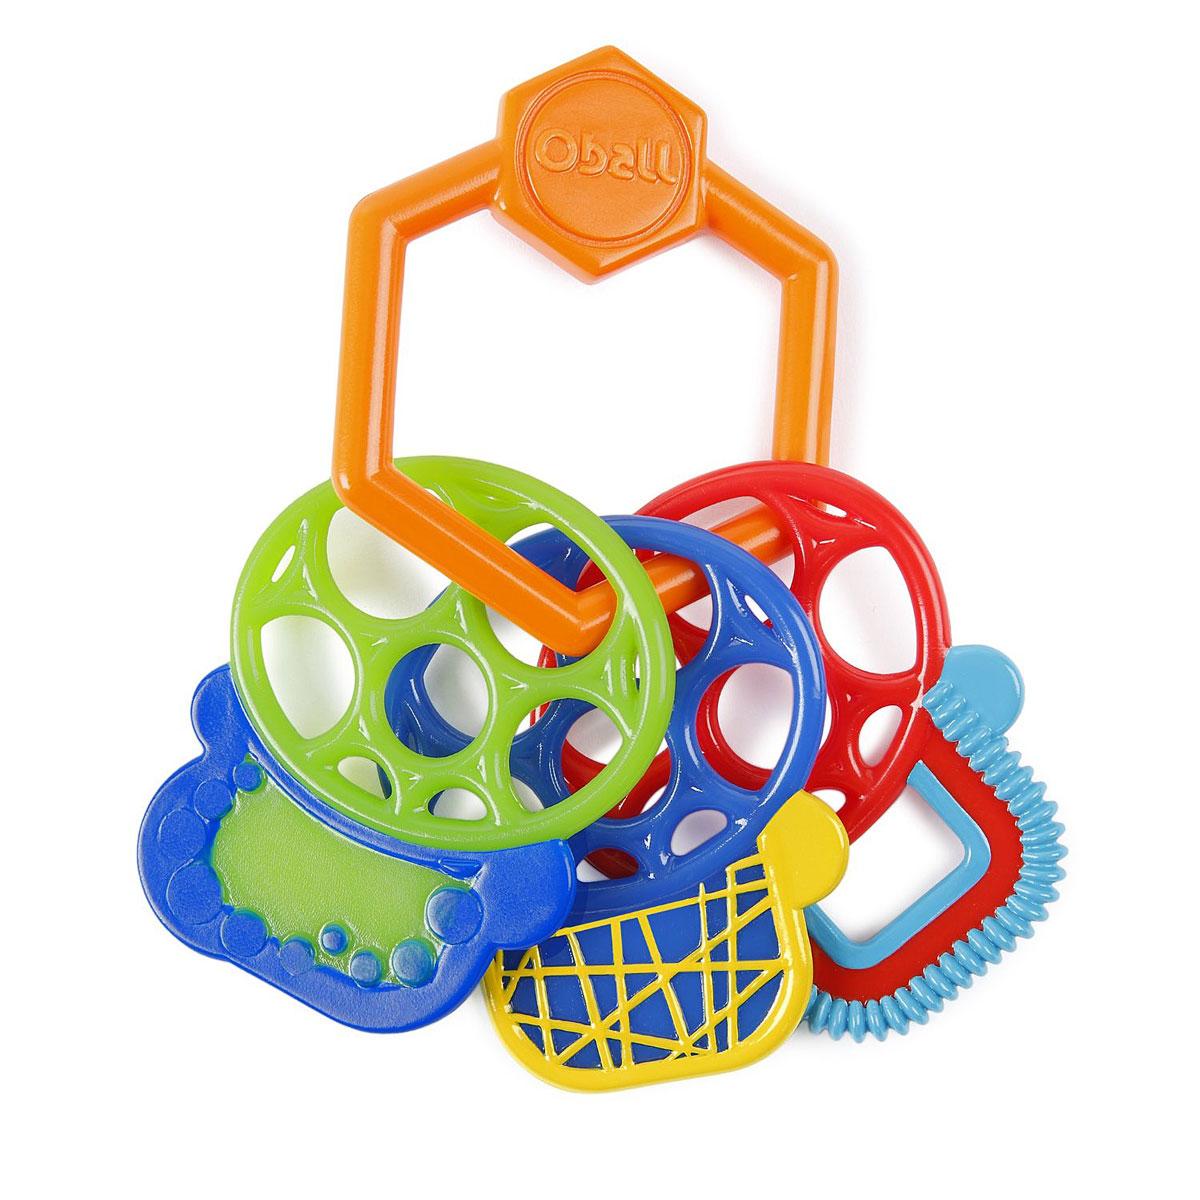 Oball Прорезыватель Разноцветные ключики прорезыватели oball прорезыватель разноцветные ключики